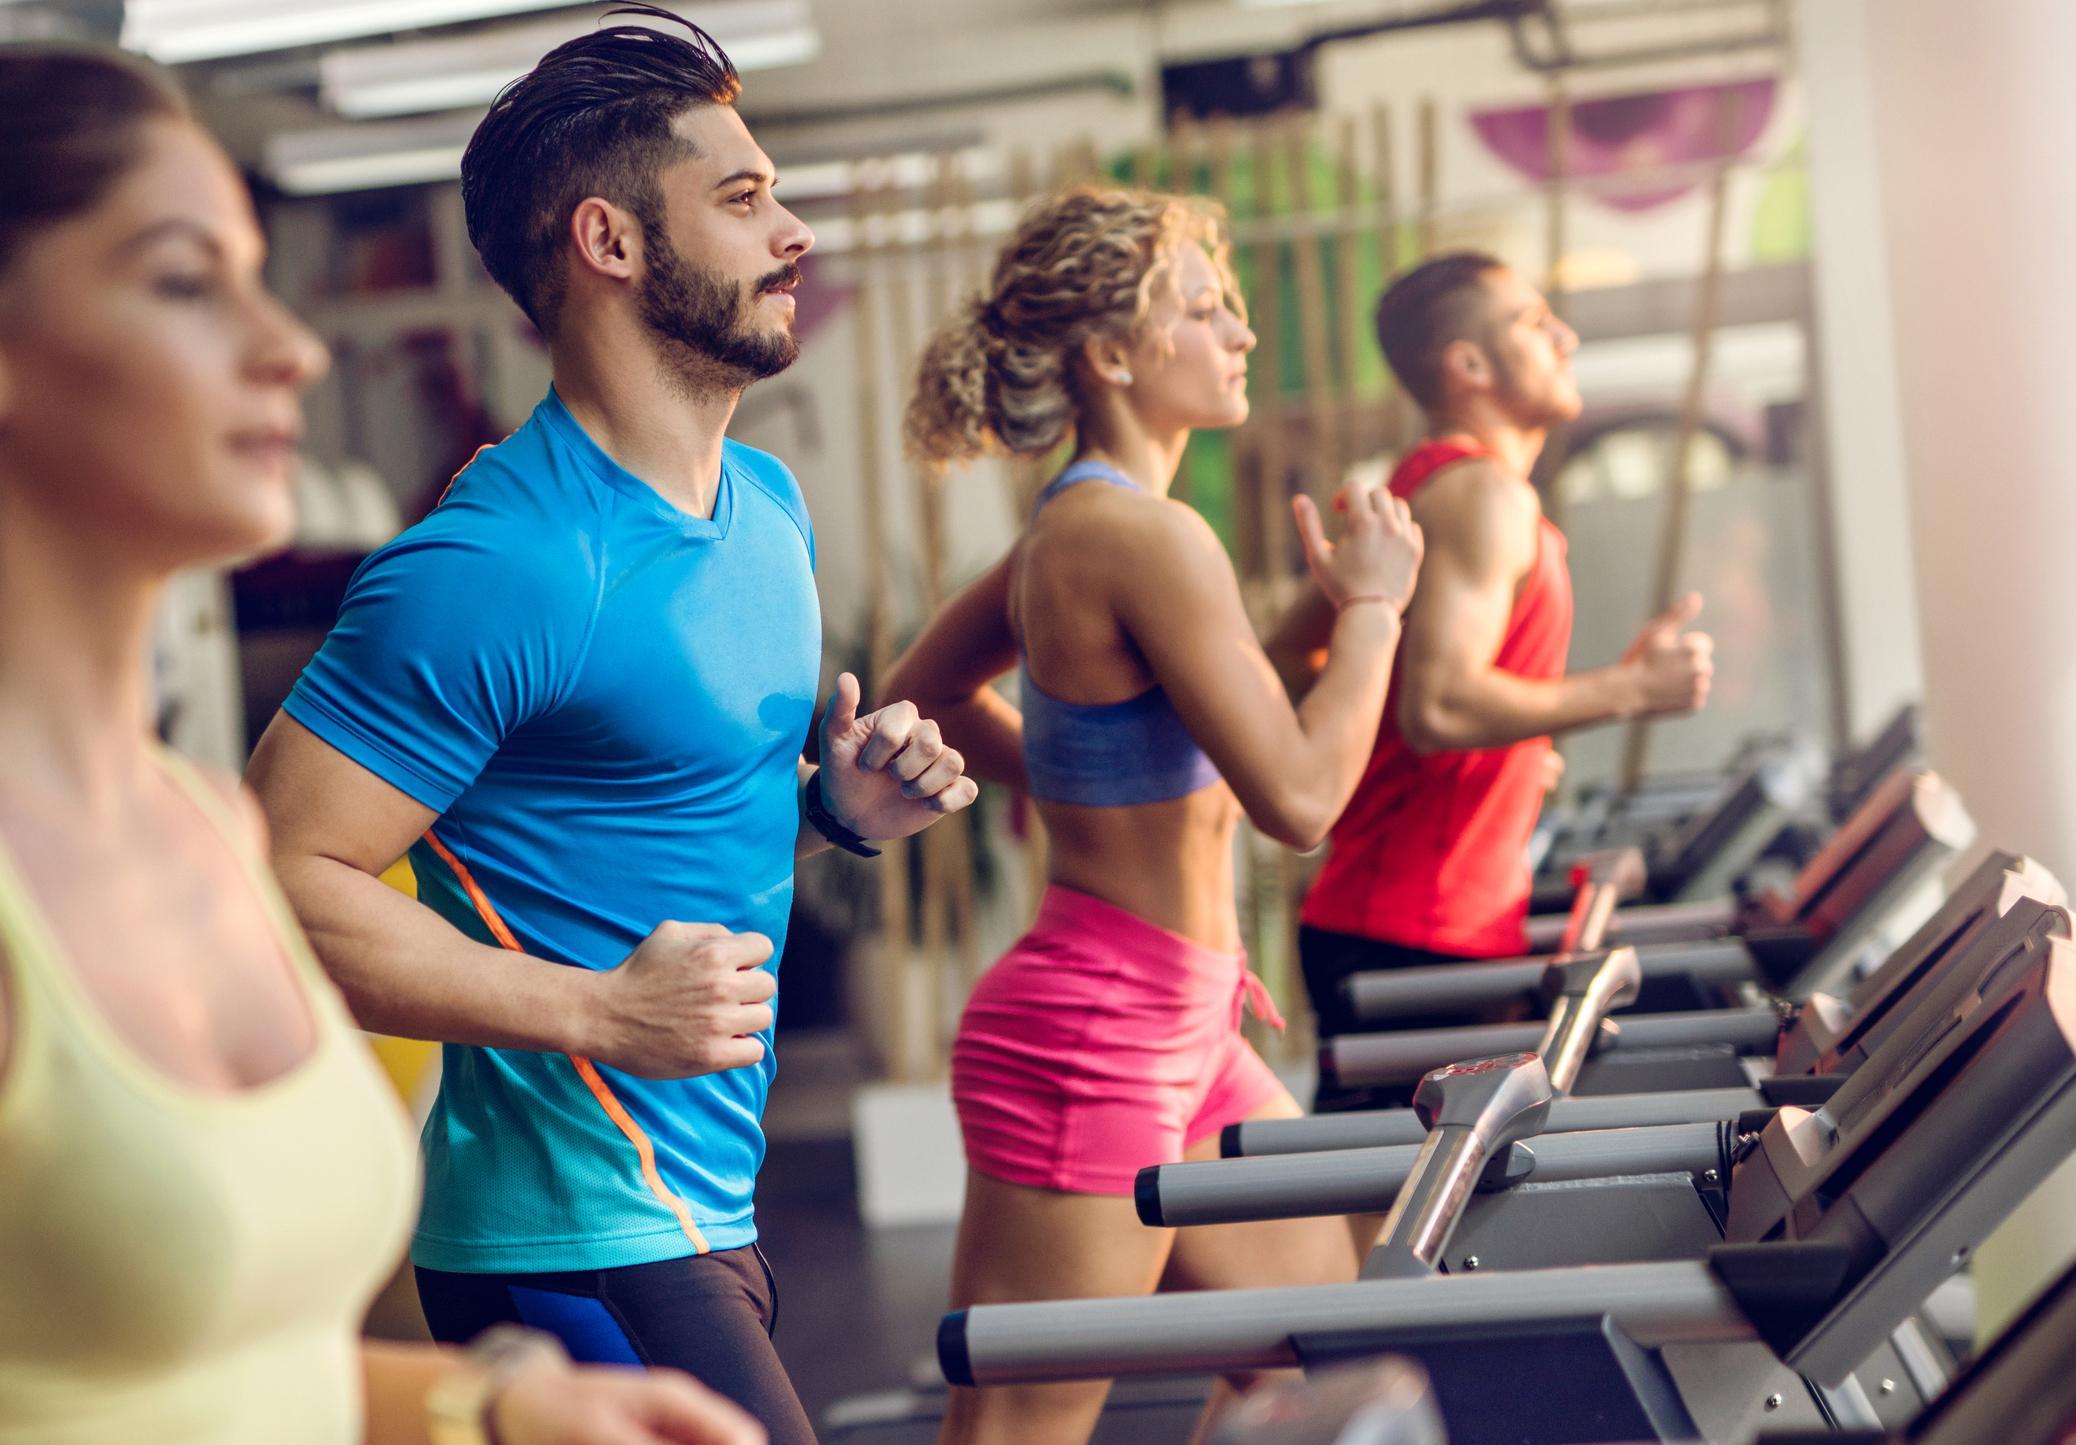 Spor Koçu İle Çalışmanın Avantajları